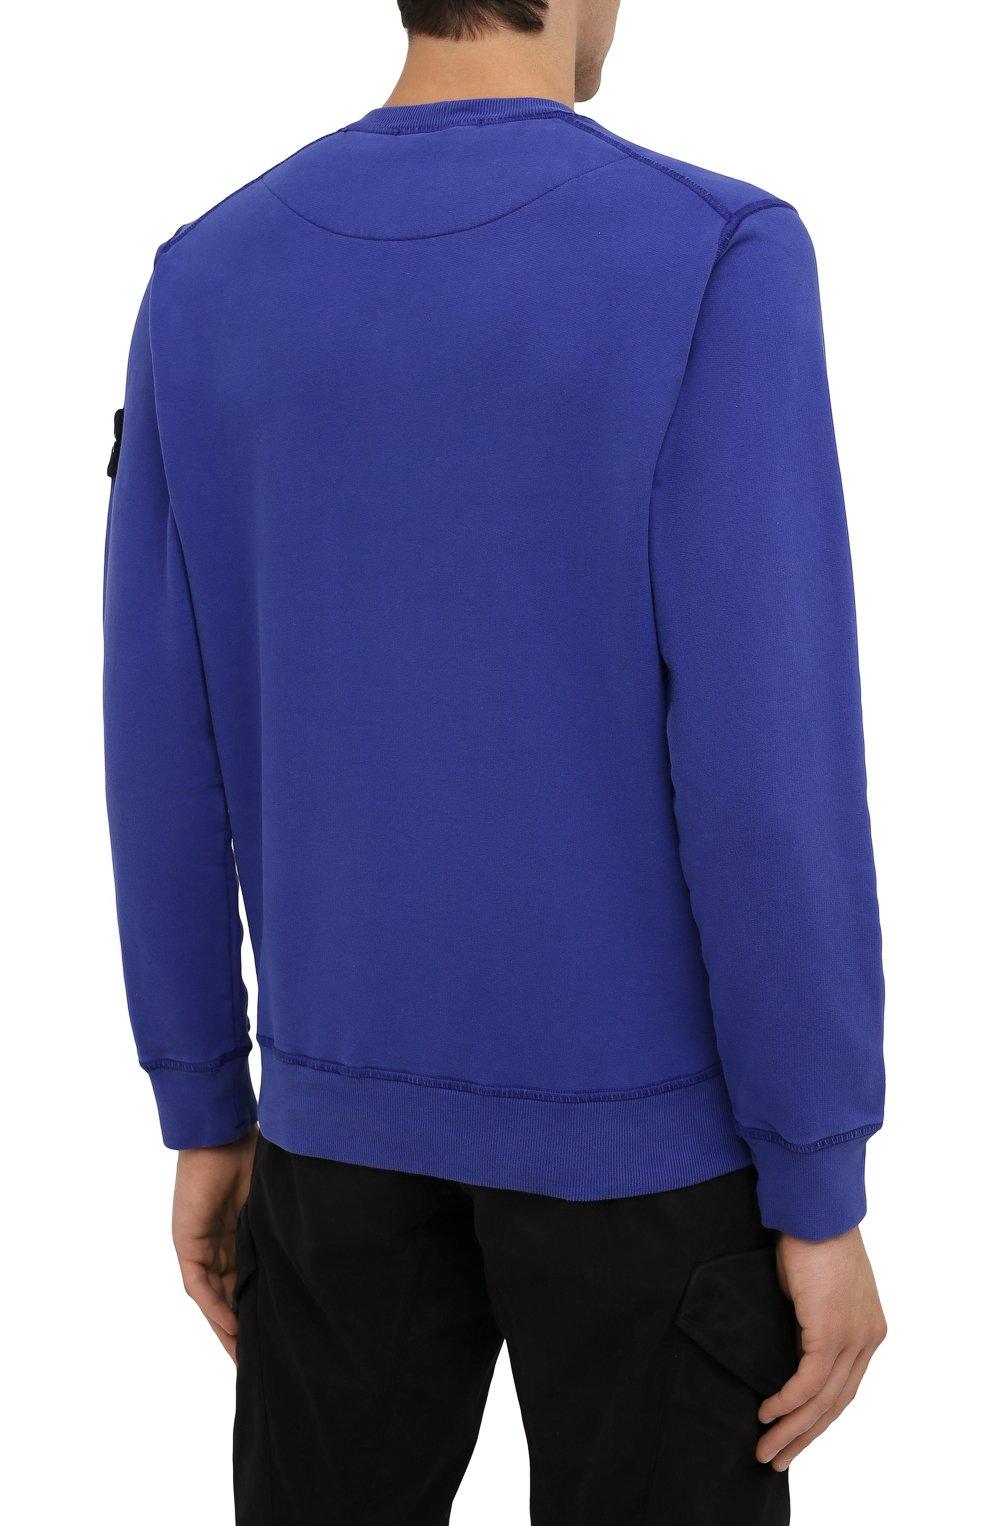 Мужской хлопковый свитшот STONE ISLAND синего цвета, арт. 751563020   Фото 4 (Рукава: Длинные; Принт: Без принта; Длина (для топов): Стандартные; Мужское Кросс-КТ: свитшот-одежда; Материал внешний: Хлопок; Стили: Кэжуэл)